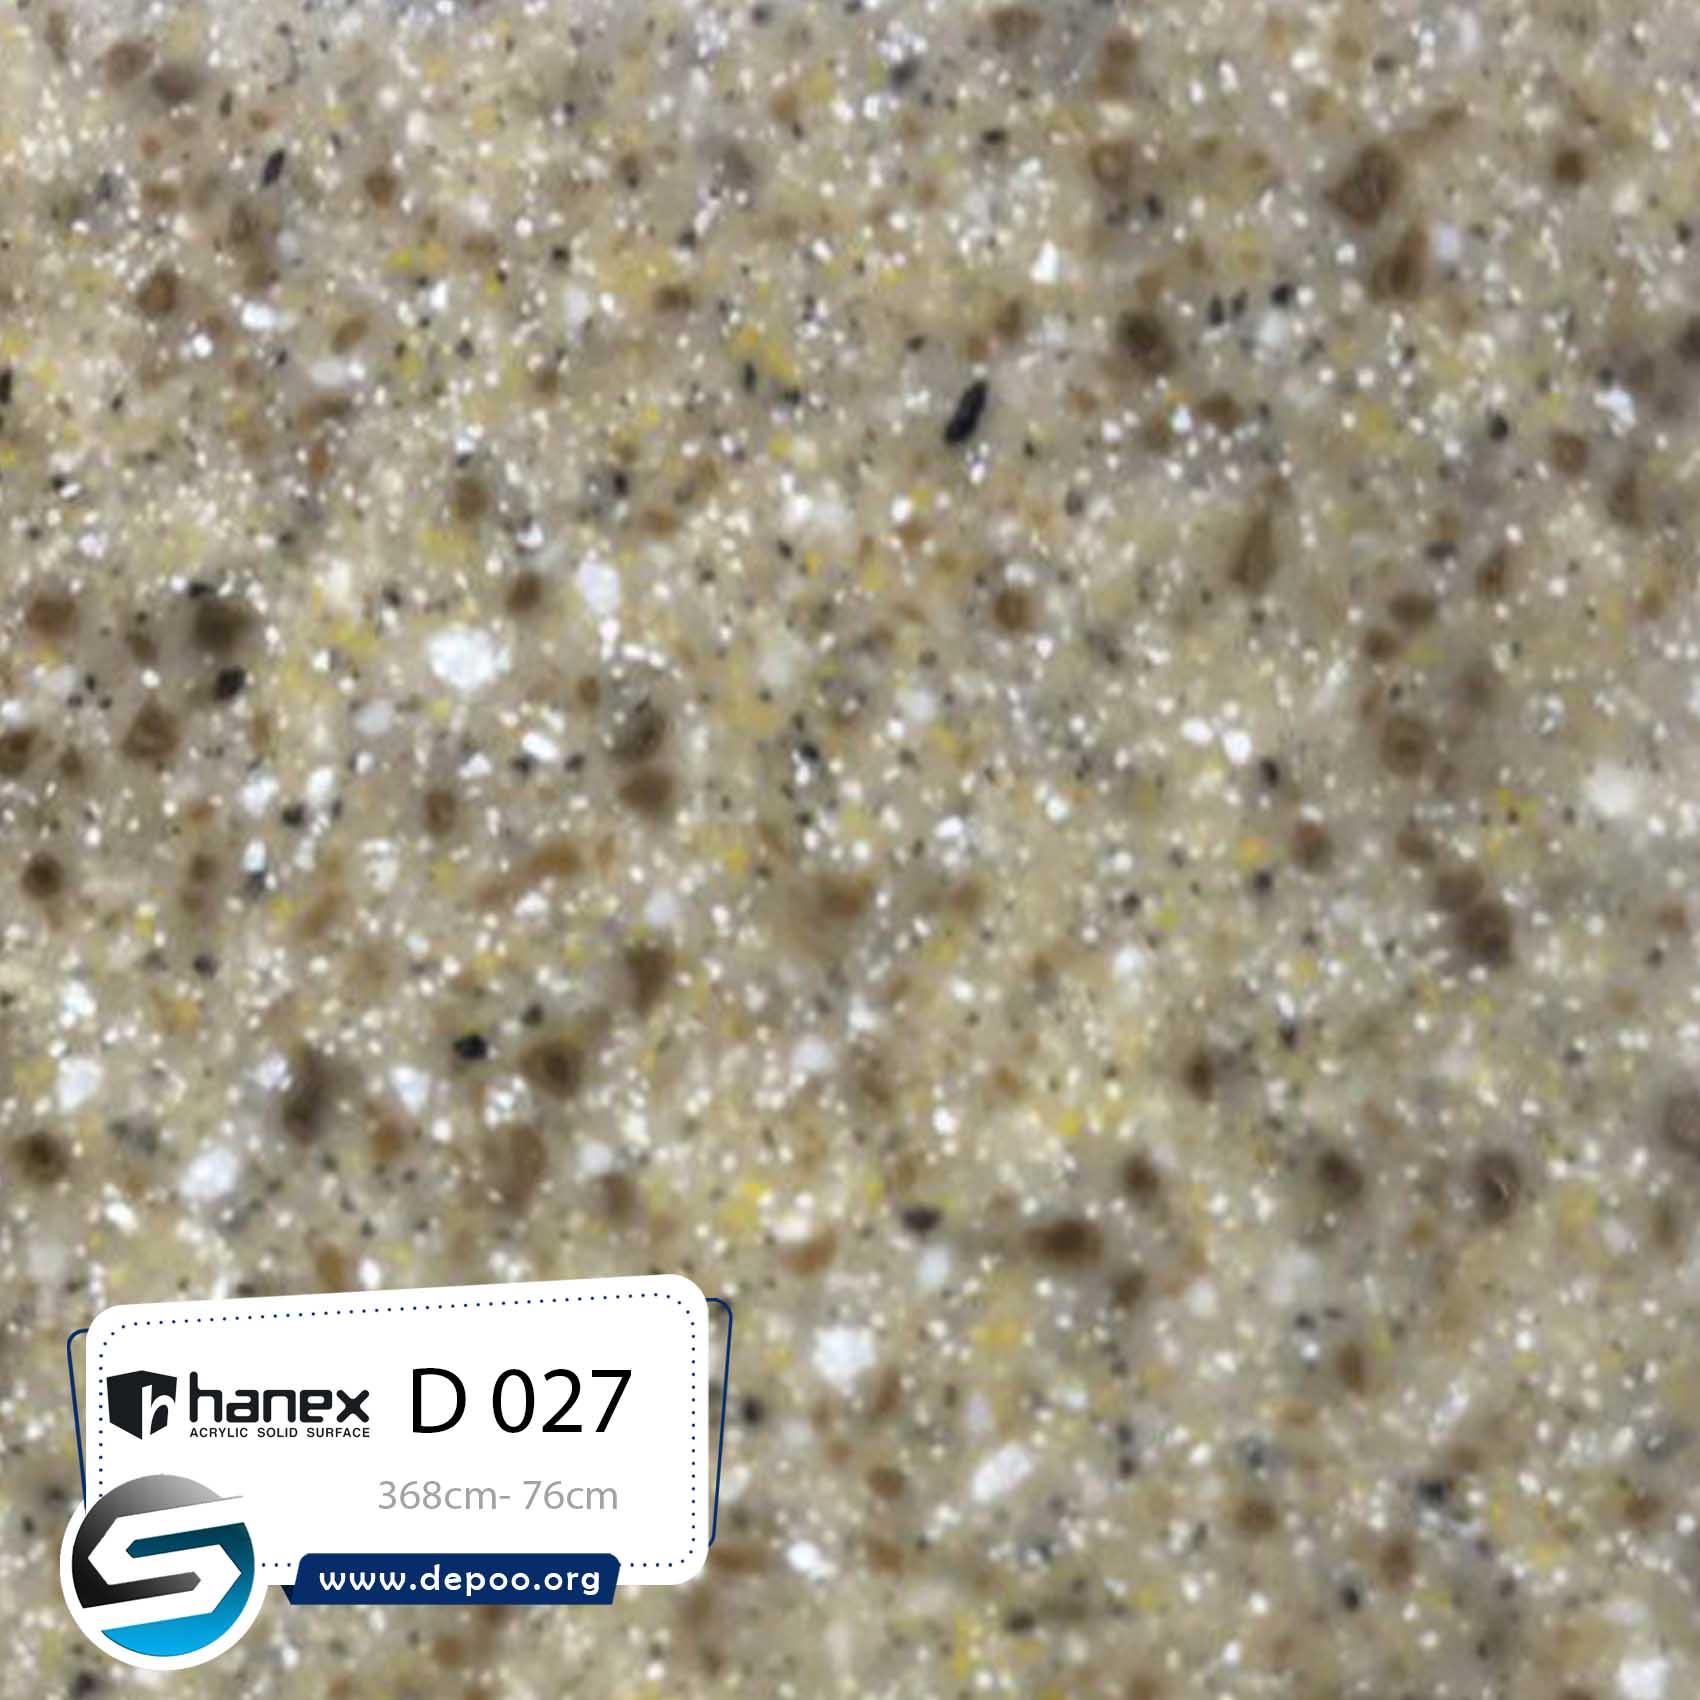 هانکس-MARRONNIER-D-027 گروه سنگ مصنوعی  ایران